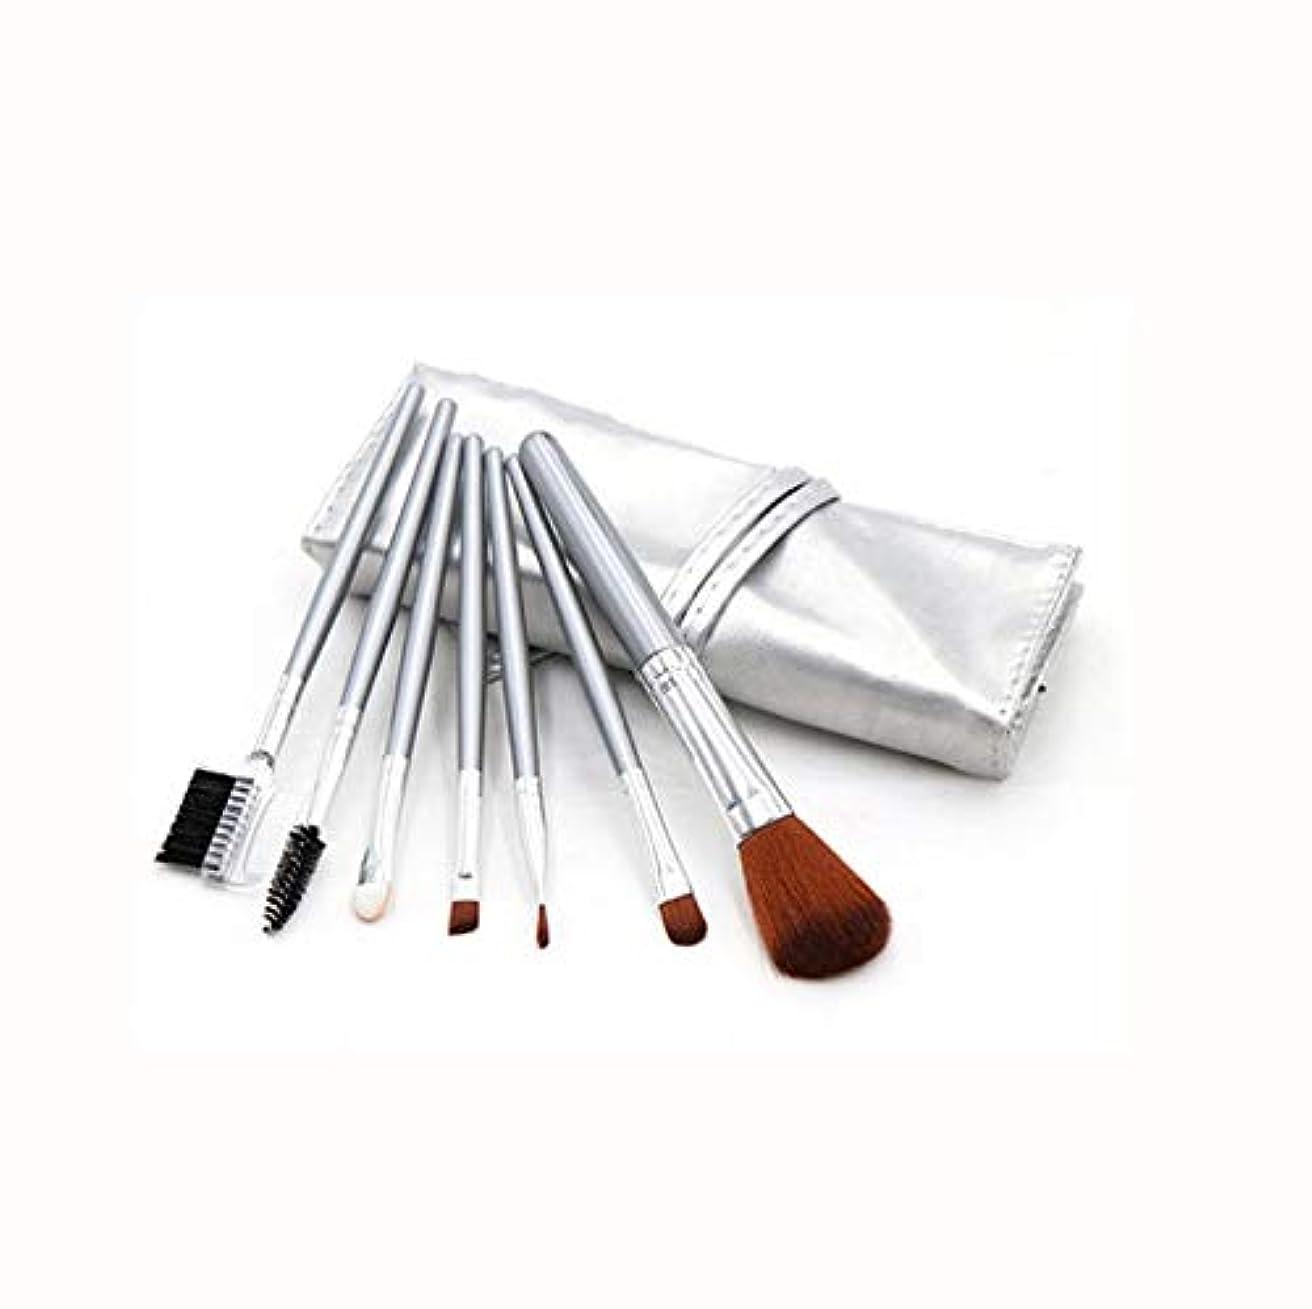 傾向子犬処方する化粧ブラシセット、シルバー7化粧ブラシ化粧ブラシセットアイシャドウブラシリップブラシ美容化粧道具